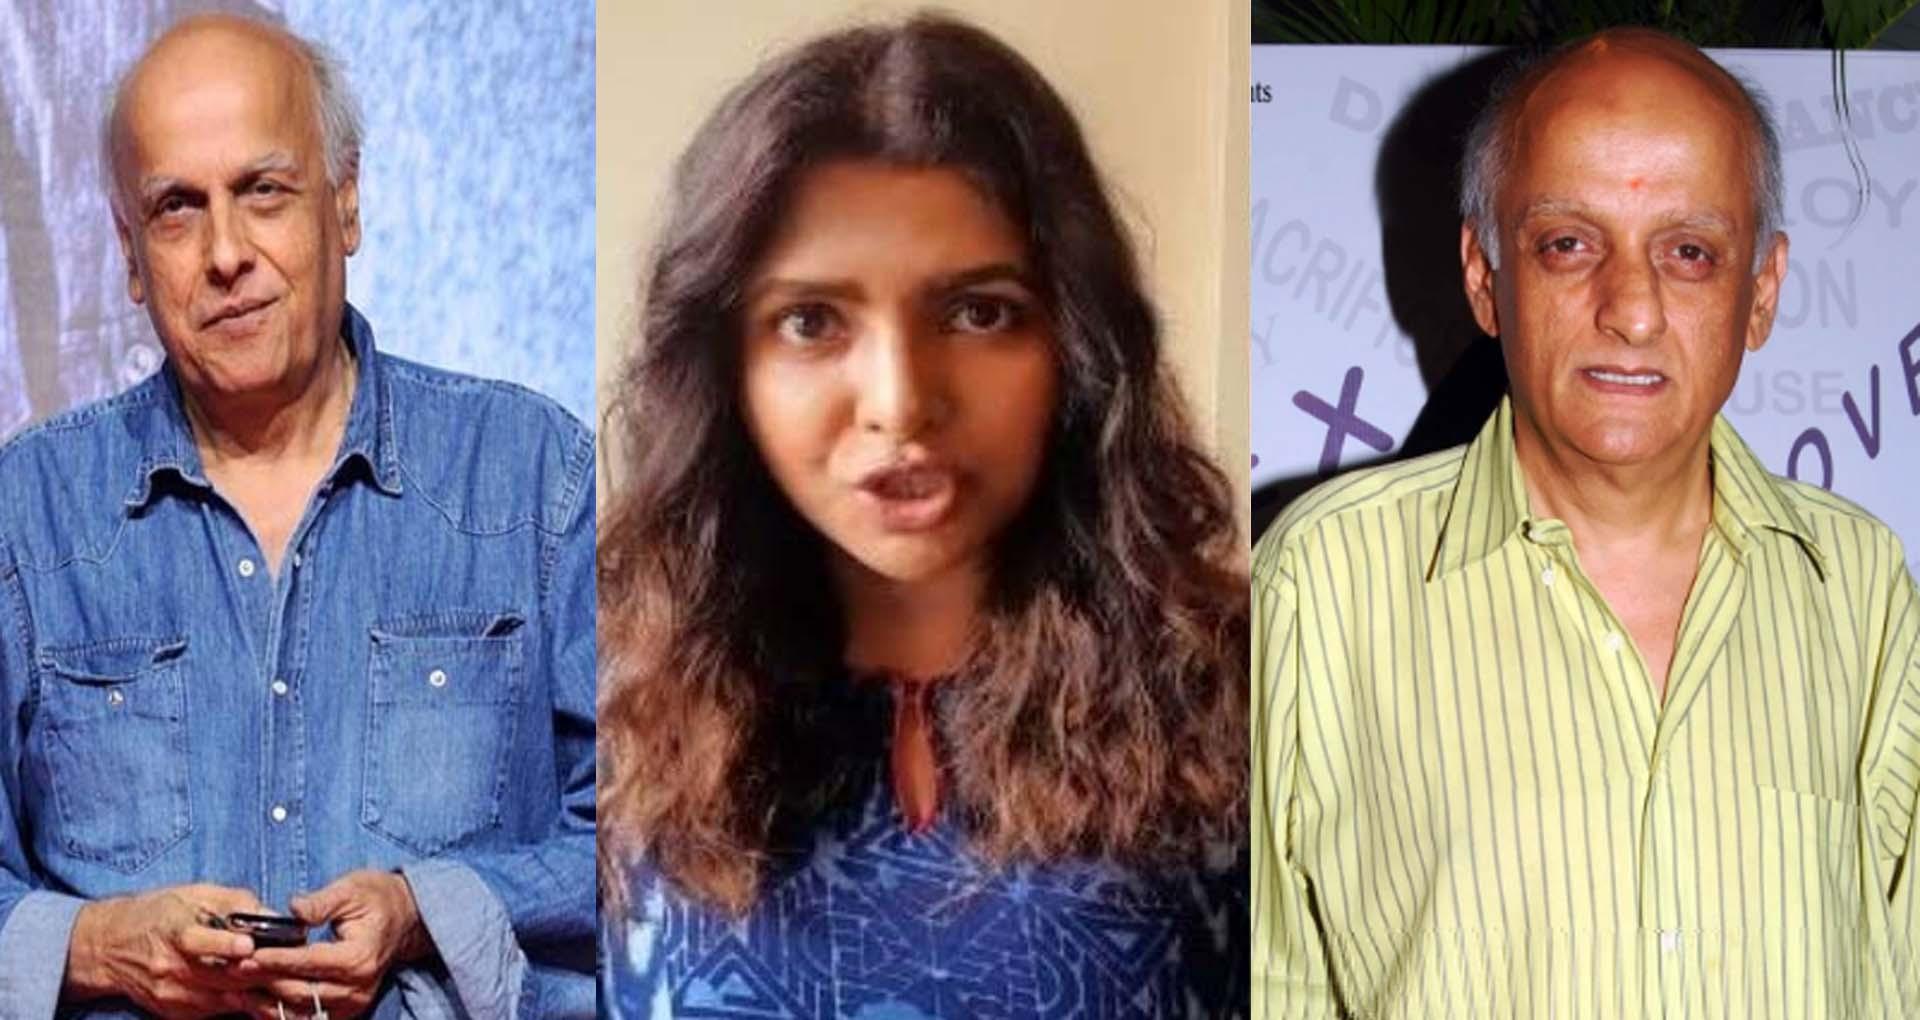 महेश भट्ट ने लवीना लोध के खिलाफ दर्ज किया 1 करोड़ का मानहानि केस, एक्ट्रेस ने लगाए थे बड़े आरोप